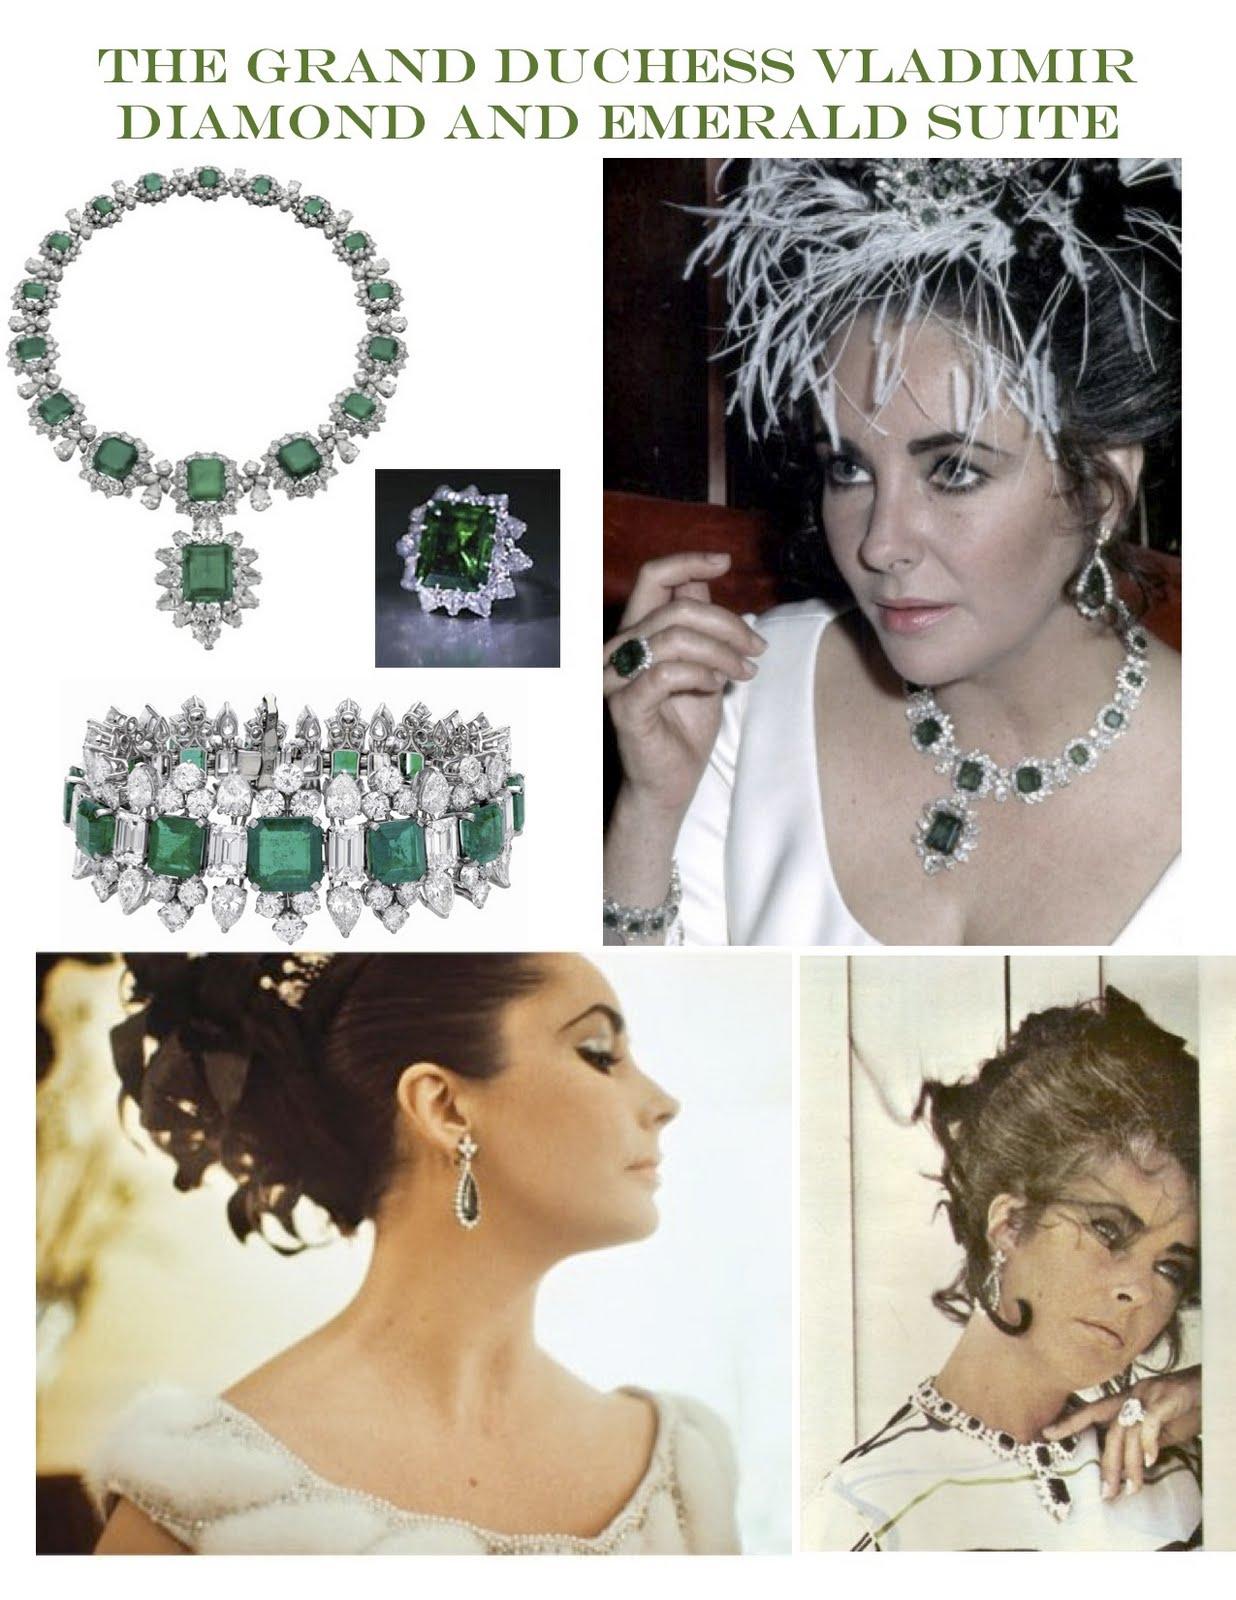 http://4.bp.blogspot.com/-L9nLWb6_IkI/TjXM7NgzdsI/AAAAAAAAAQ0/eENluY_b51M/s1600/et+jewels11.jpg